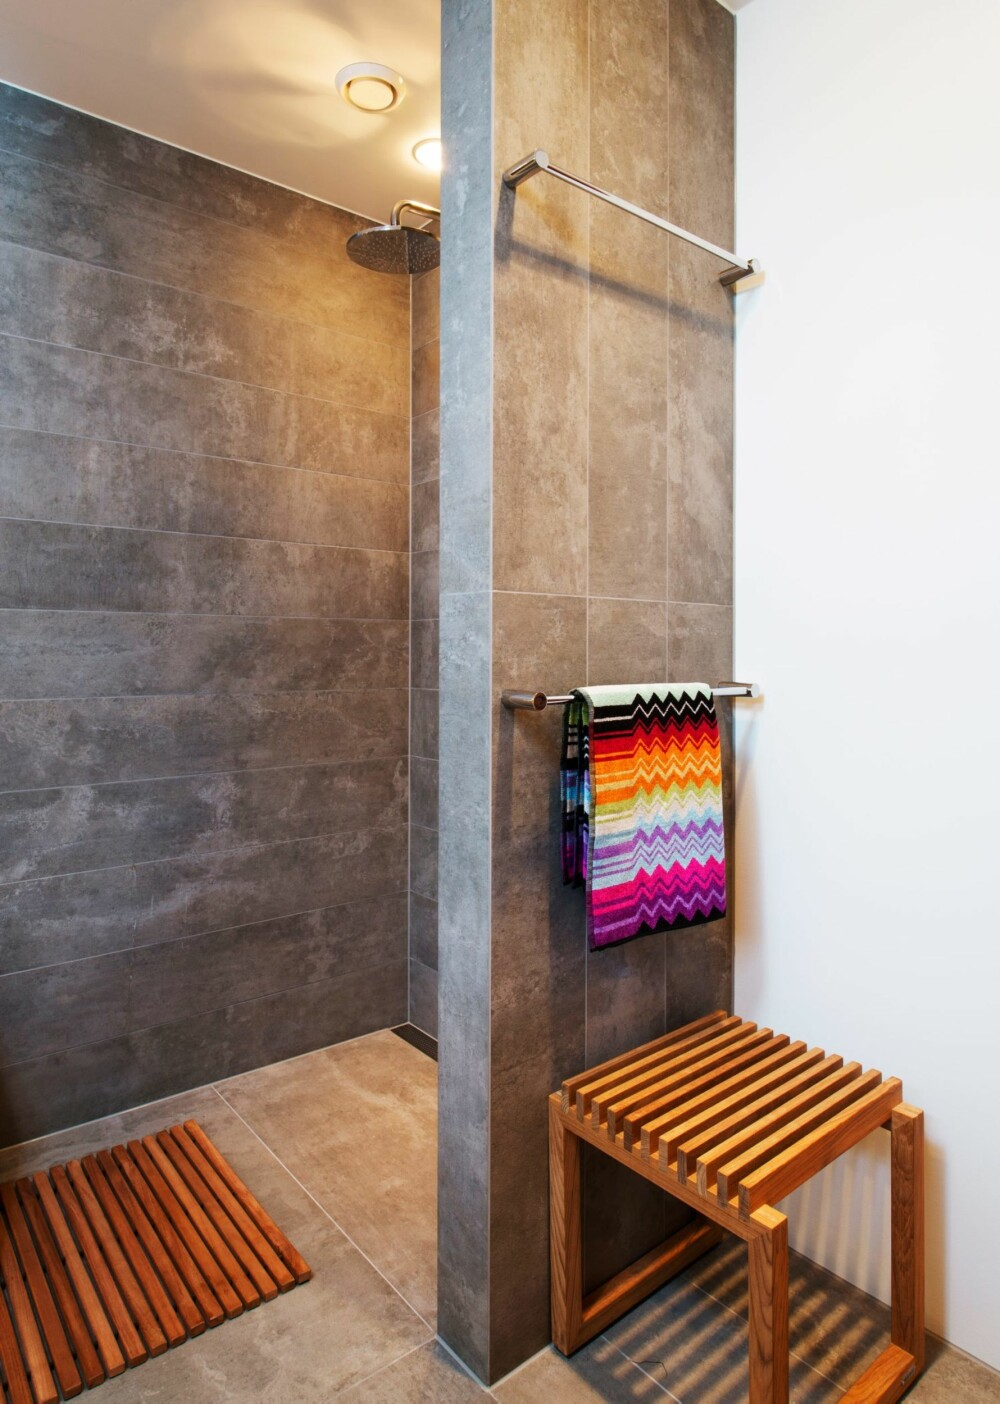 VEGGVARME: I stedet for å montere elektriske håndkletørkere på veggen, er det montert varme direkte i veggen. Håndklærne er fra Missoni. Trekrakken er fra Skagerak. Badematten i teak er fra en tidligere kolleksjon hos Living.